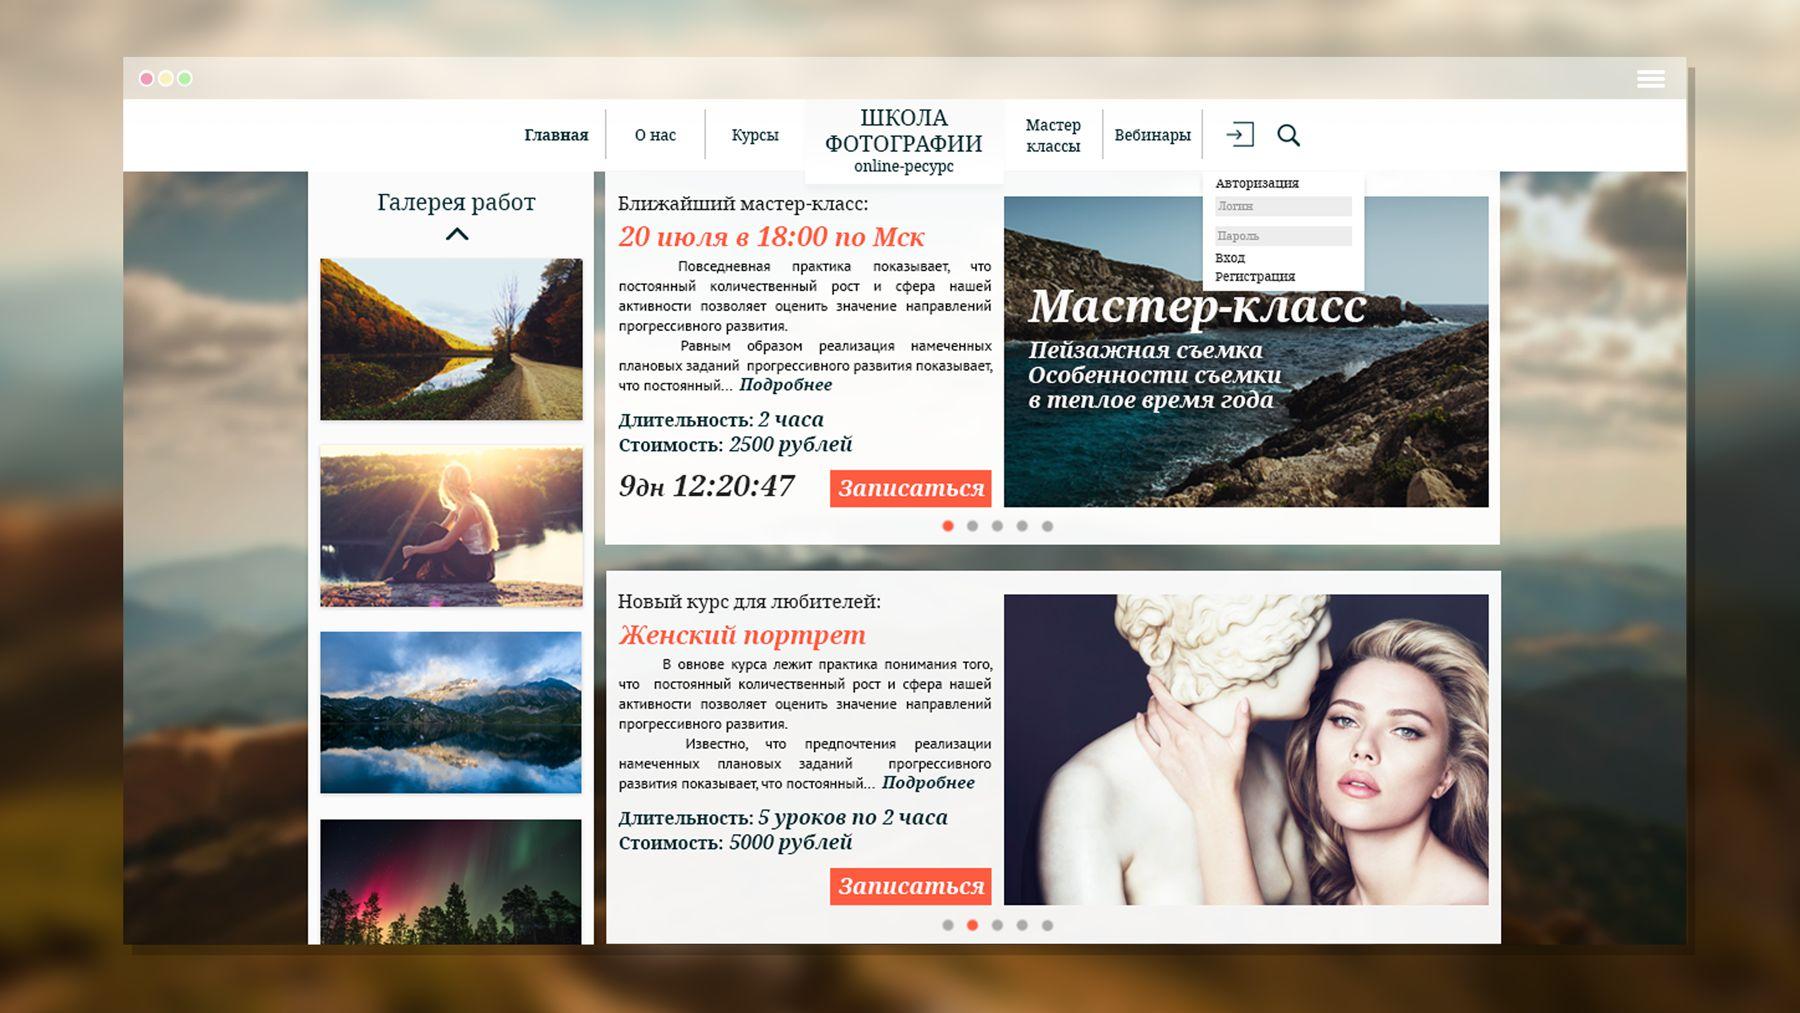 Онлайн обучение фотографии. Главная. - дизайнер LimonovaNastya